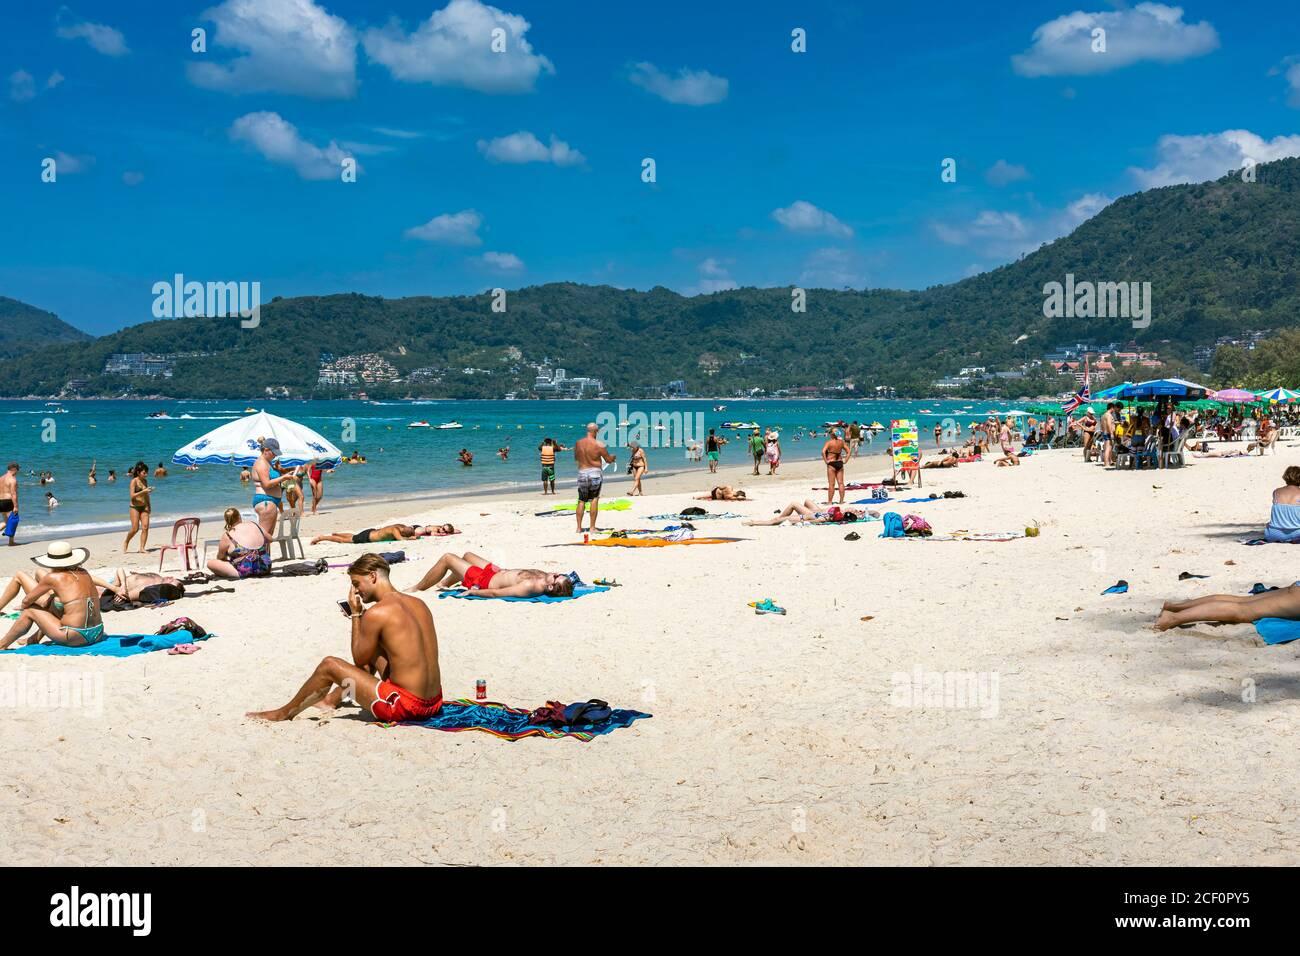 Turisti prendere il sole sulla spiaggia, Patong, Phuket, Thailandia Foto Stock